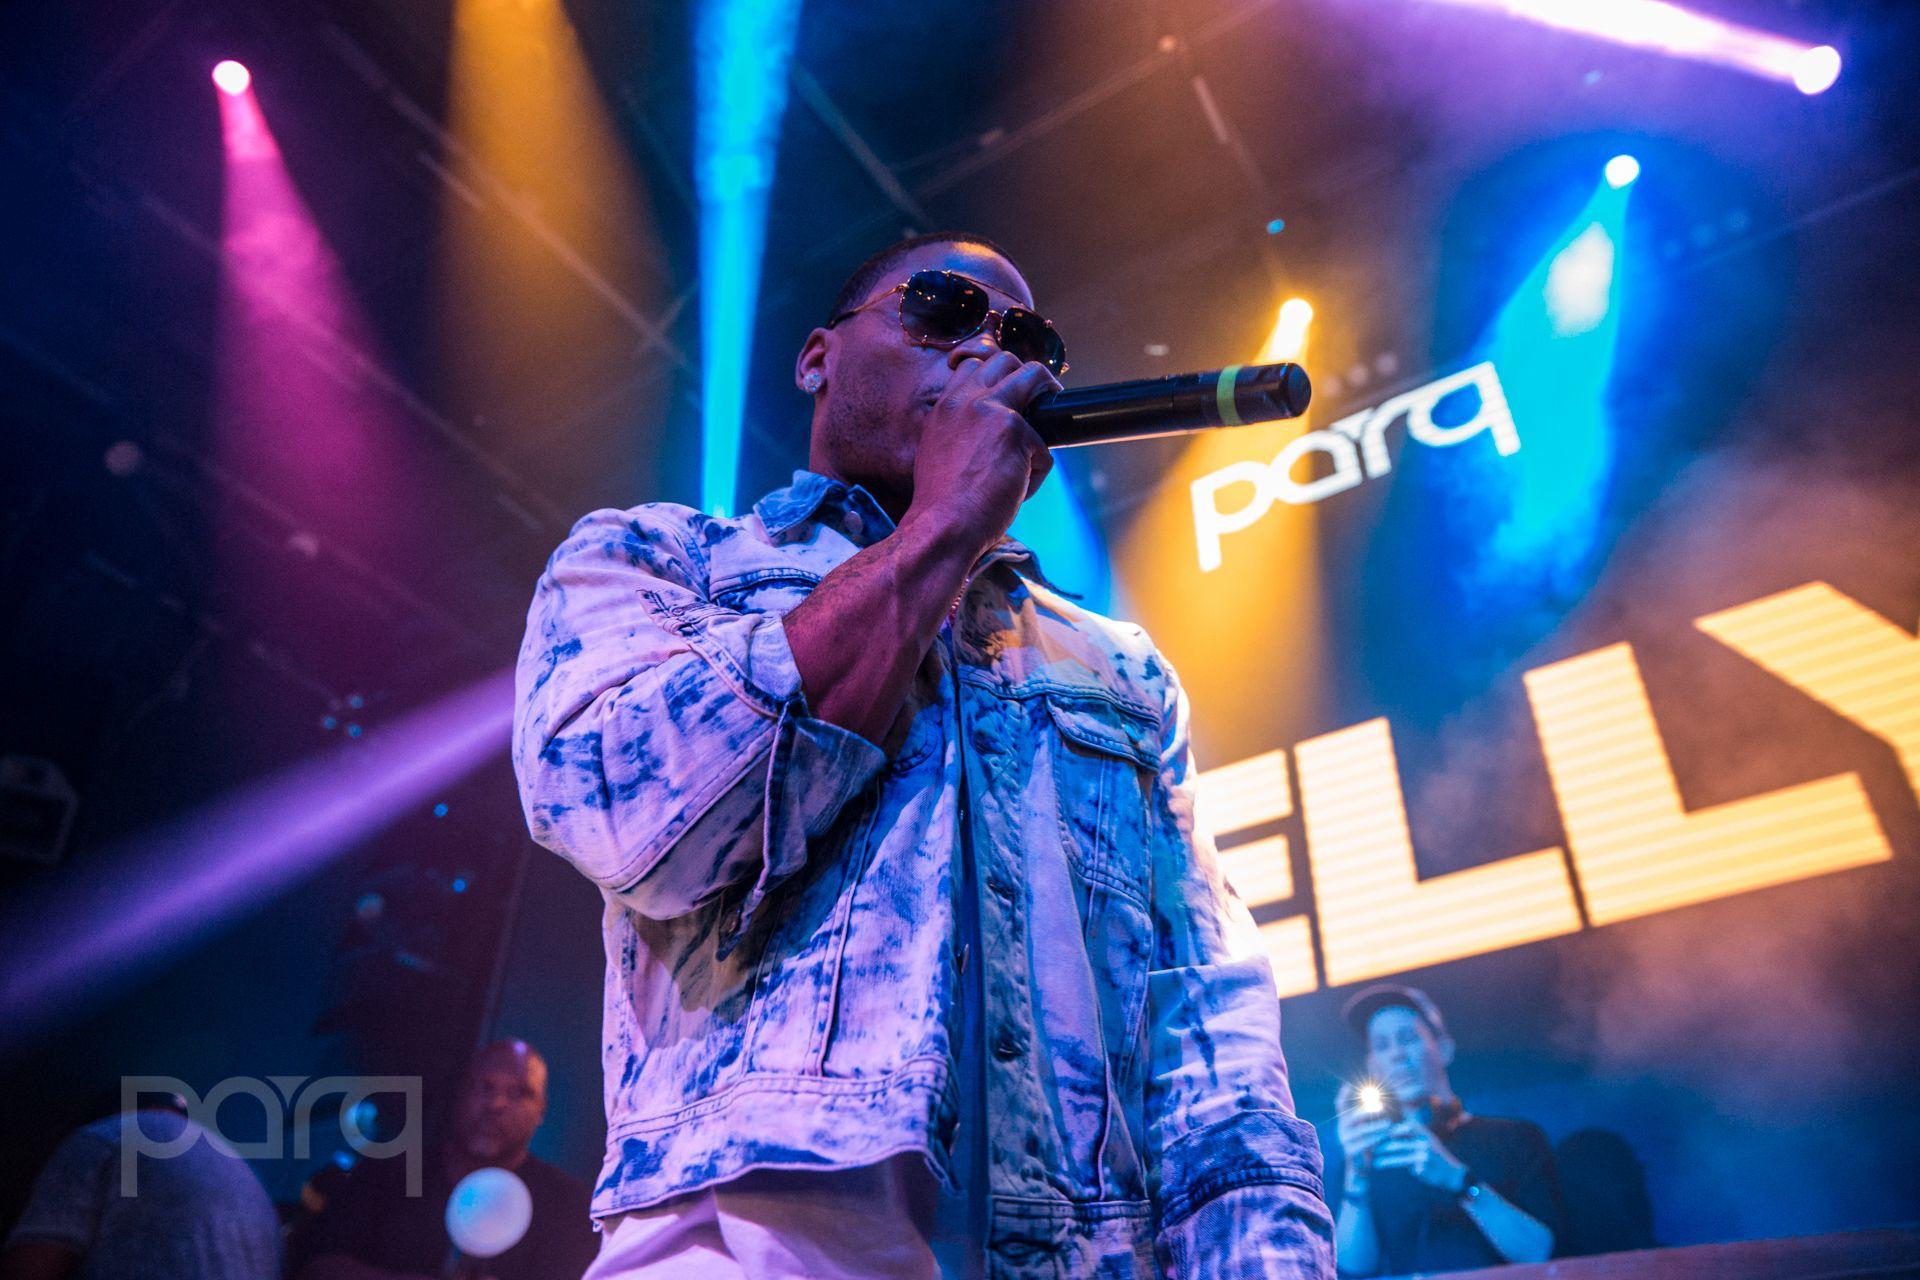 09.09.17 Parq - Nelly-37.jpg